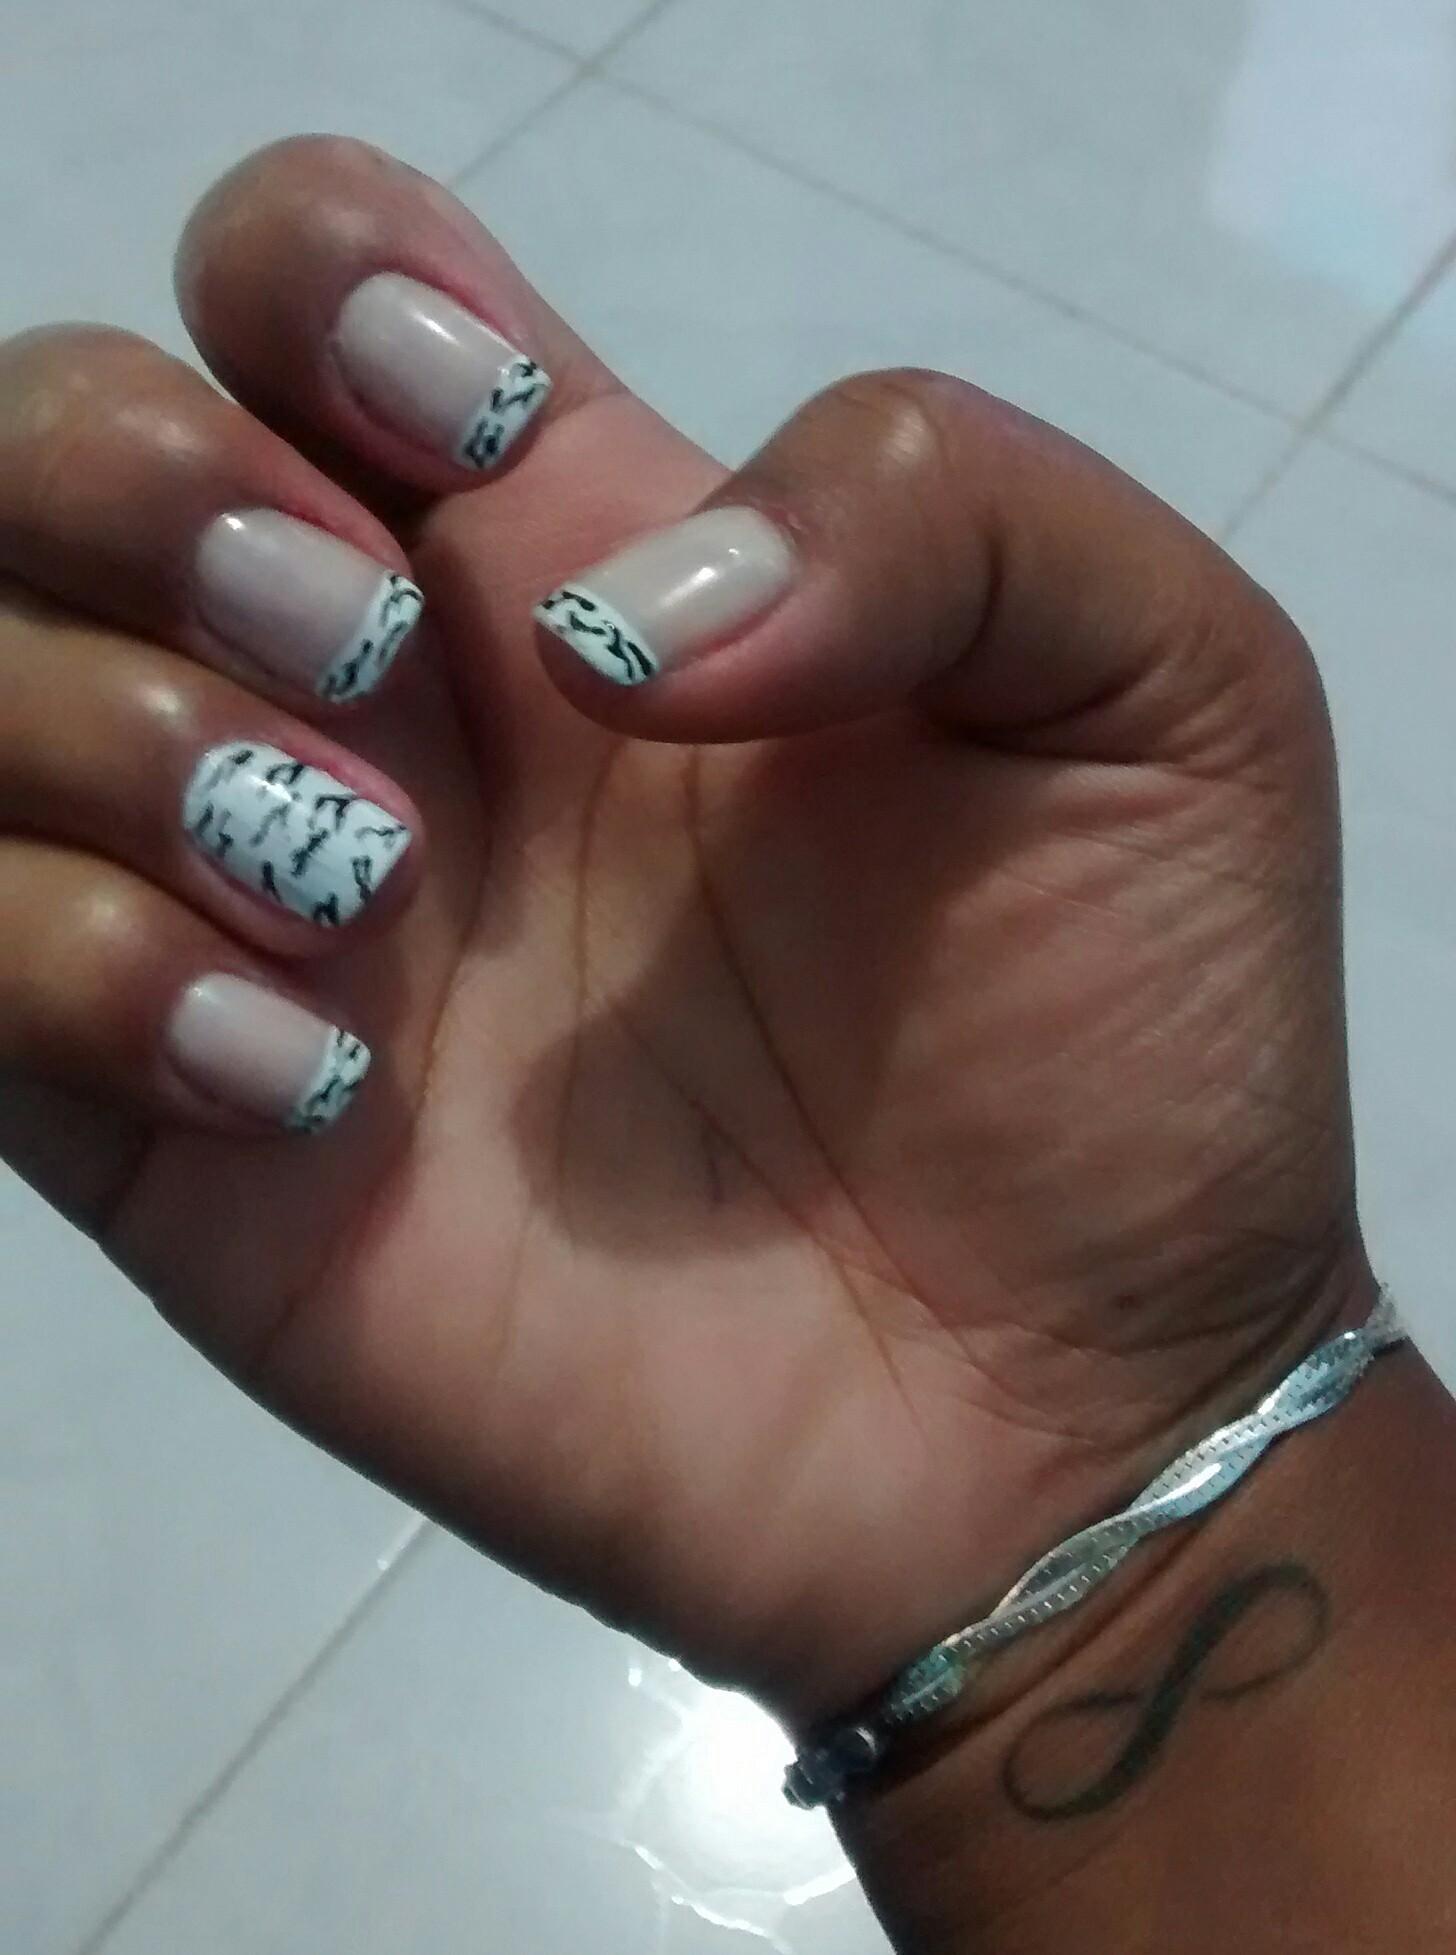 zebrinha #UnhasDecoradas #Francesinha com zebrinha #NailArt  #DecoradaaMão #Esmalte manicure e pedicure